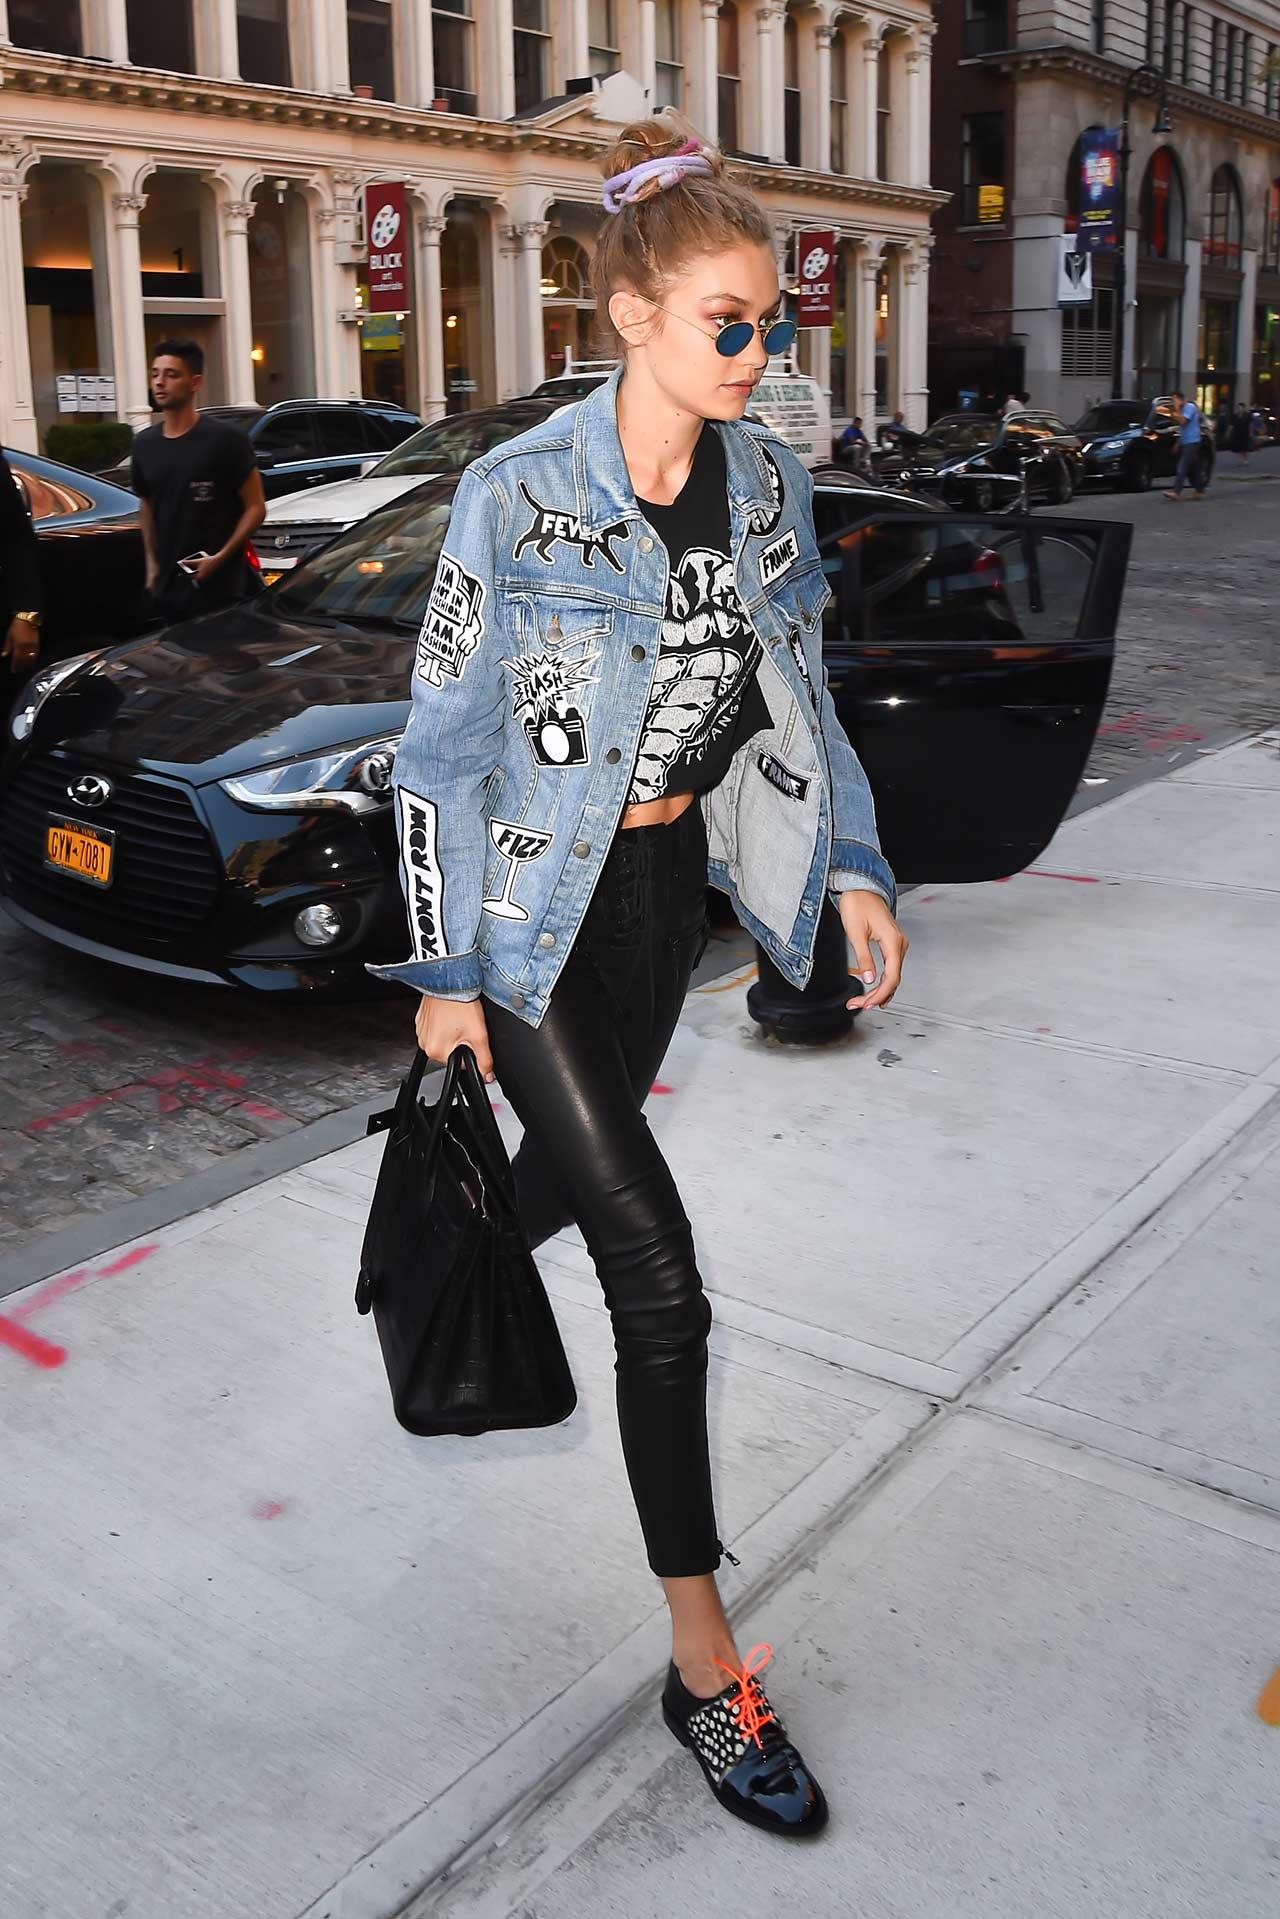 Gigi-Hadid-Wears-FRAME-Denim-Jacket-&-Unravel-Leather-Pants-2